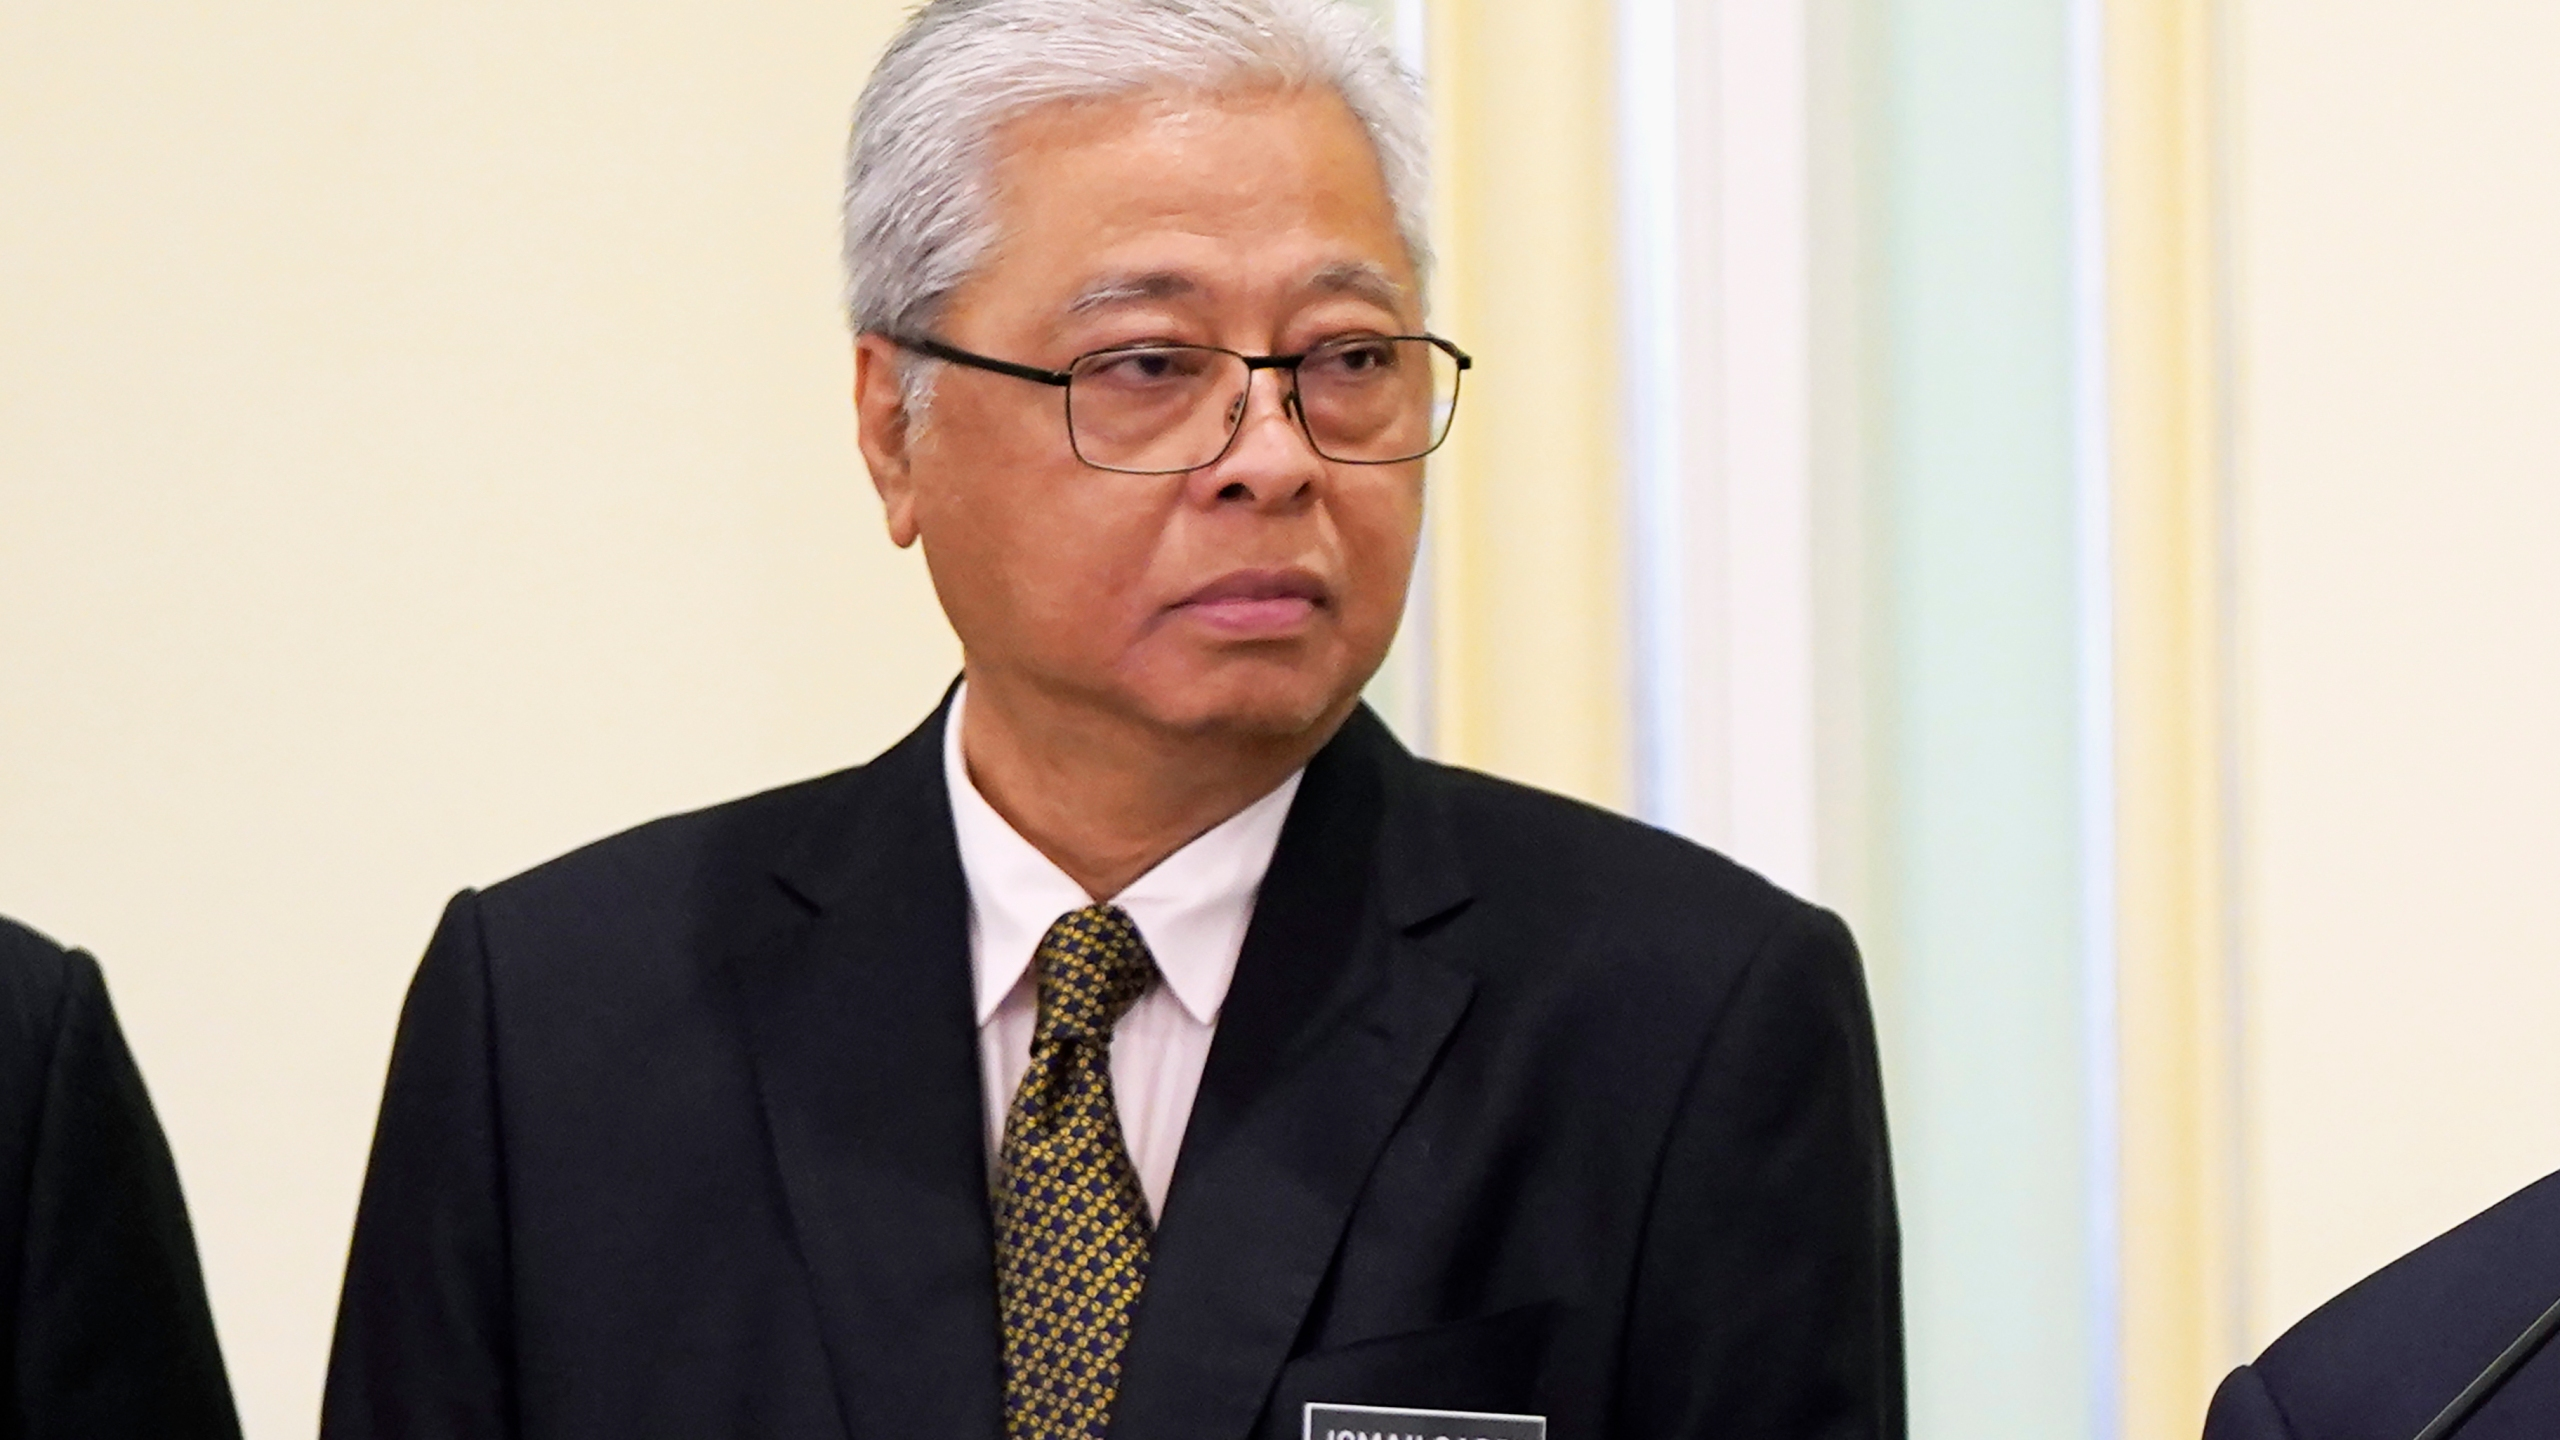 Muhyiddin Yassin, Ismail Sabri Yaakob